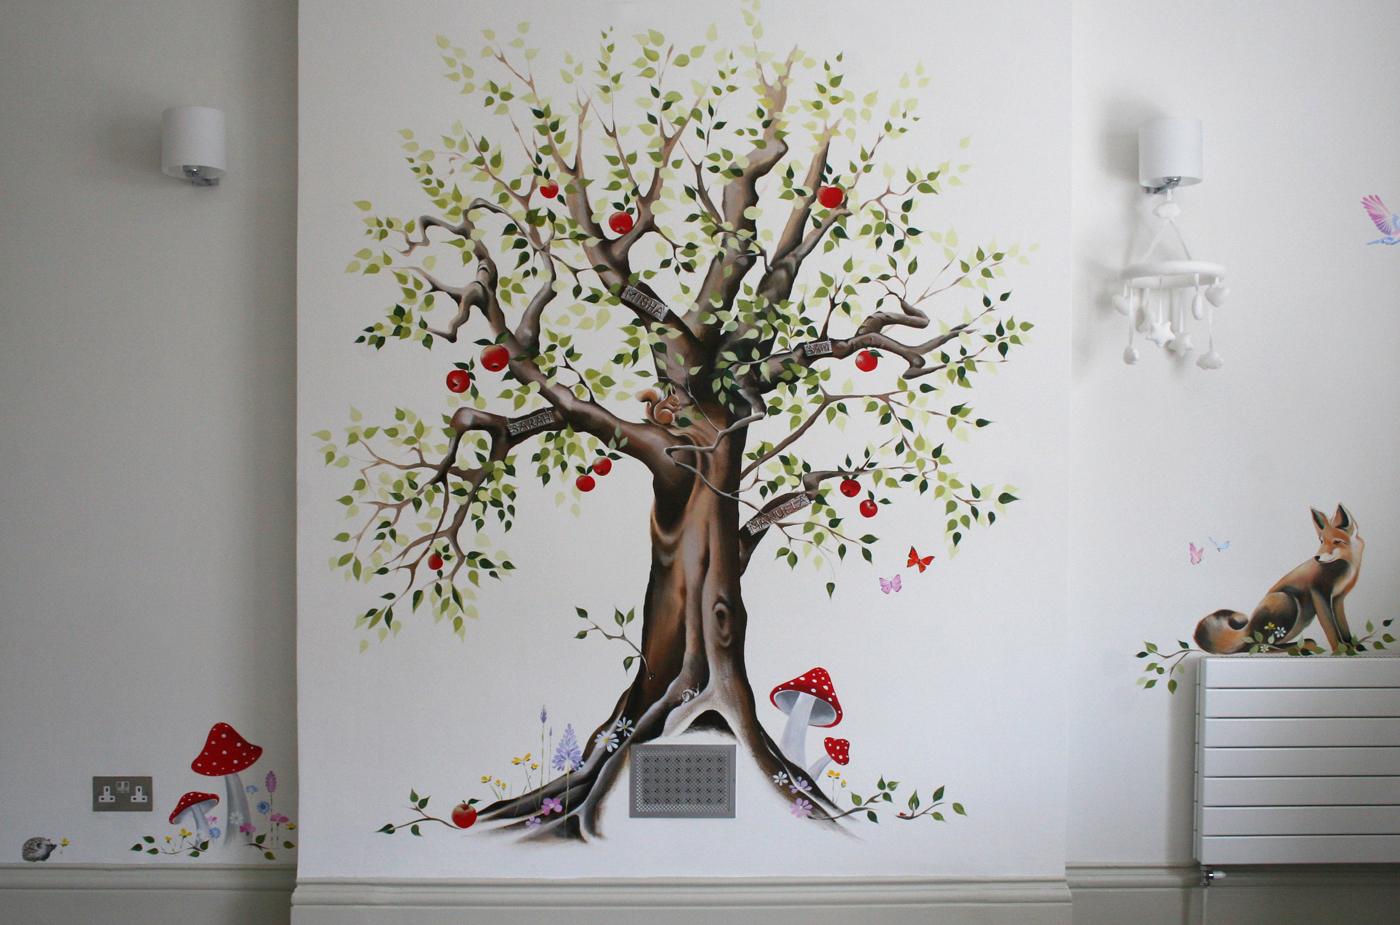 Apple Tree mural